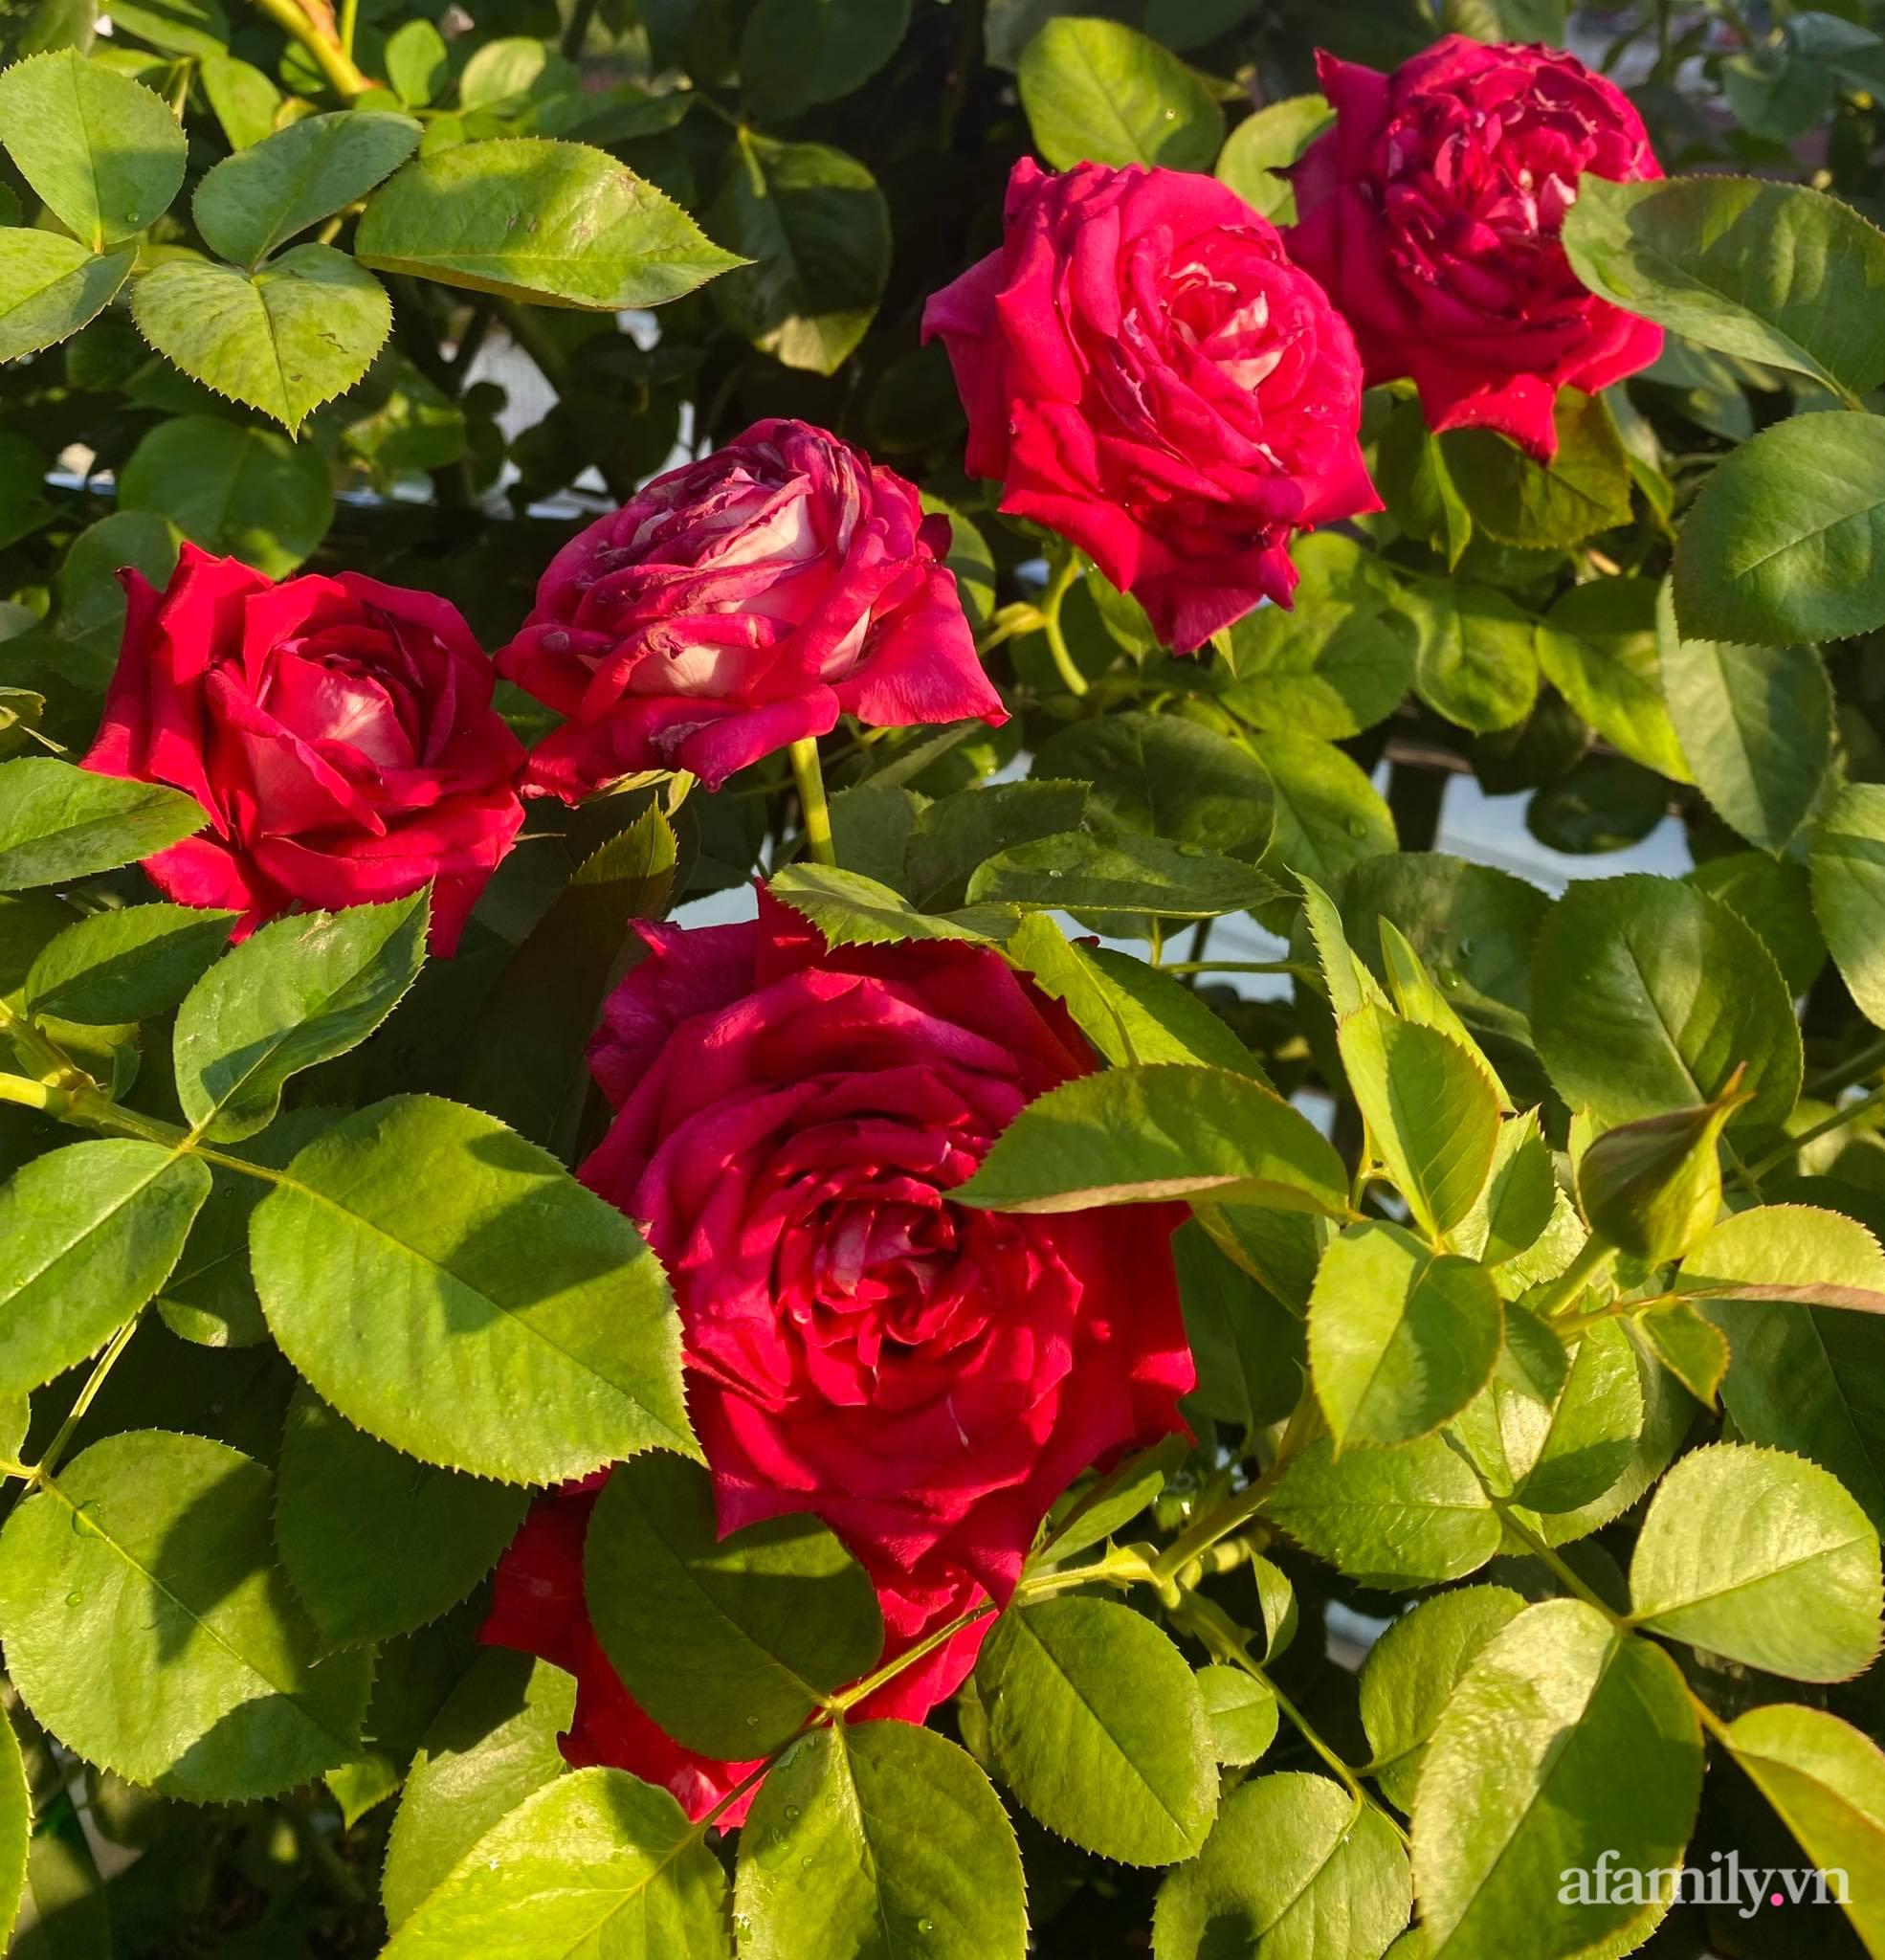 Sân thượng phủ kín hoa hồng và rau quả sạch được chăm chút nhờ bàn tay khéo léo của Hoa hậu Janny Thủy Trần - Ảnh 11.